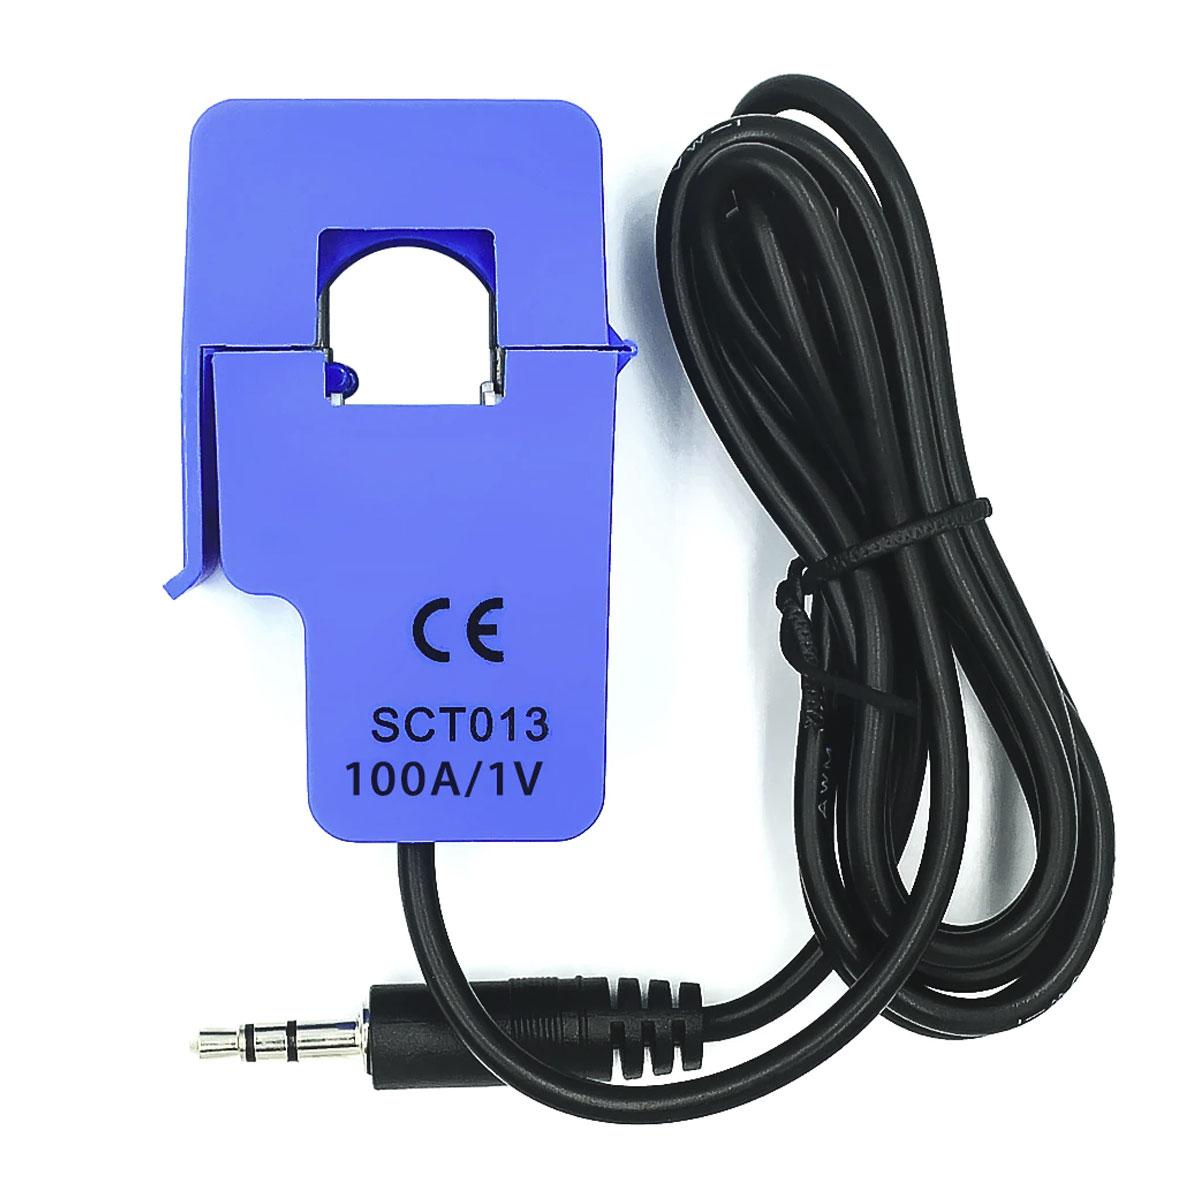 Sensor de Corrente Não Invasivo 100A SCT013 - Saída 1V